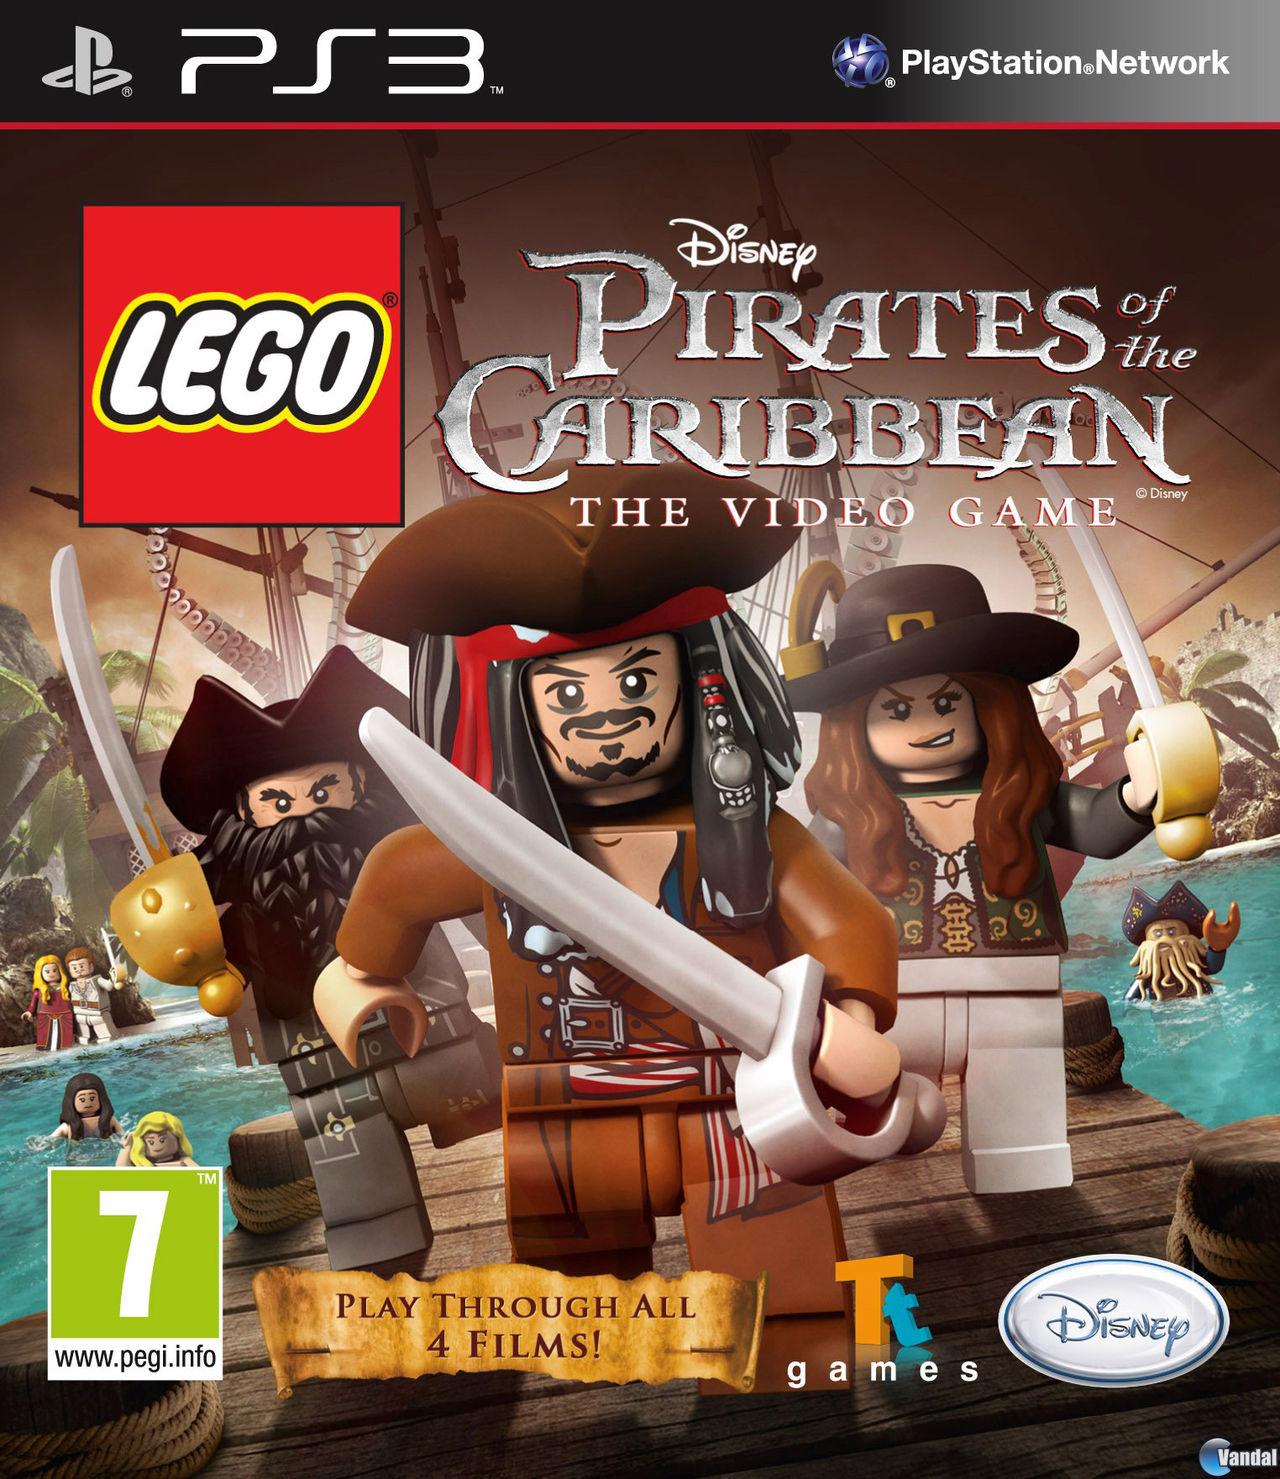 Lego Piratas Del Caribe Toda La Informacion Ps3 Xbox 360 Psp